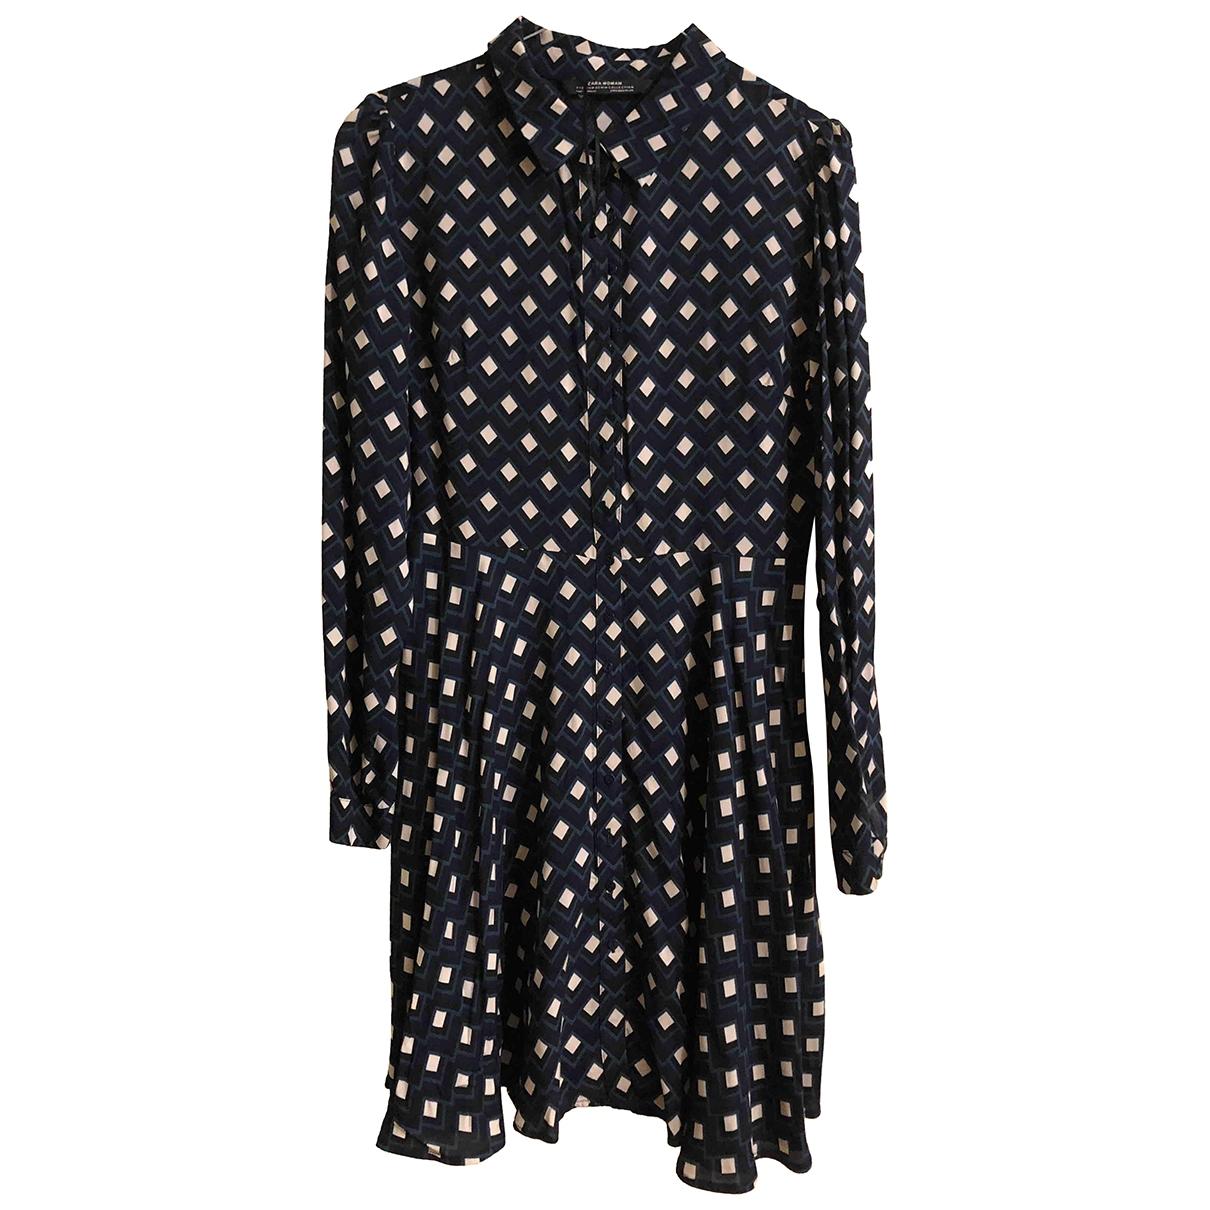 Zara \N Kleid in  Gruen Viskose